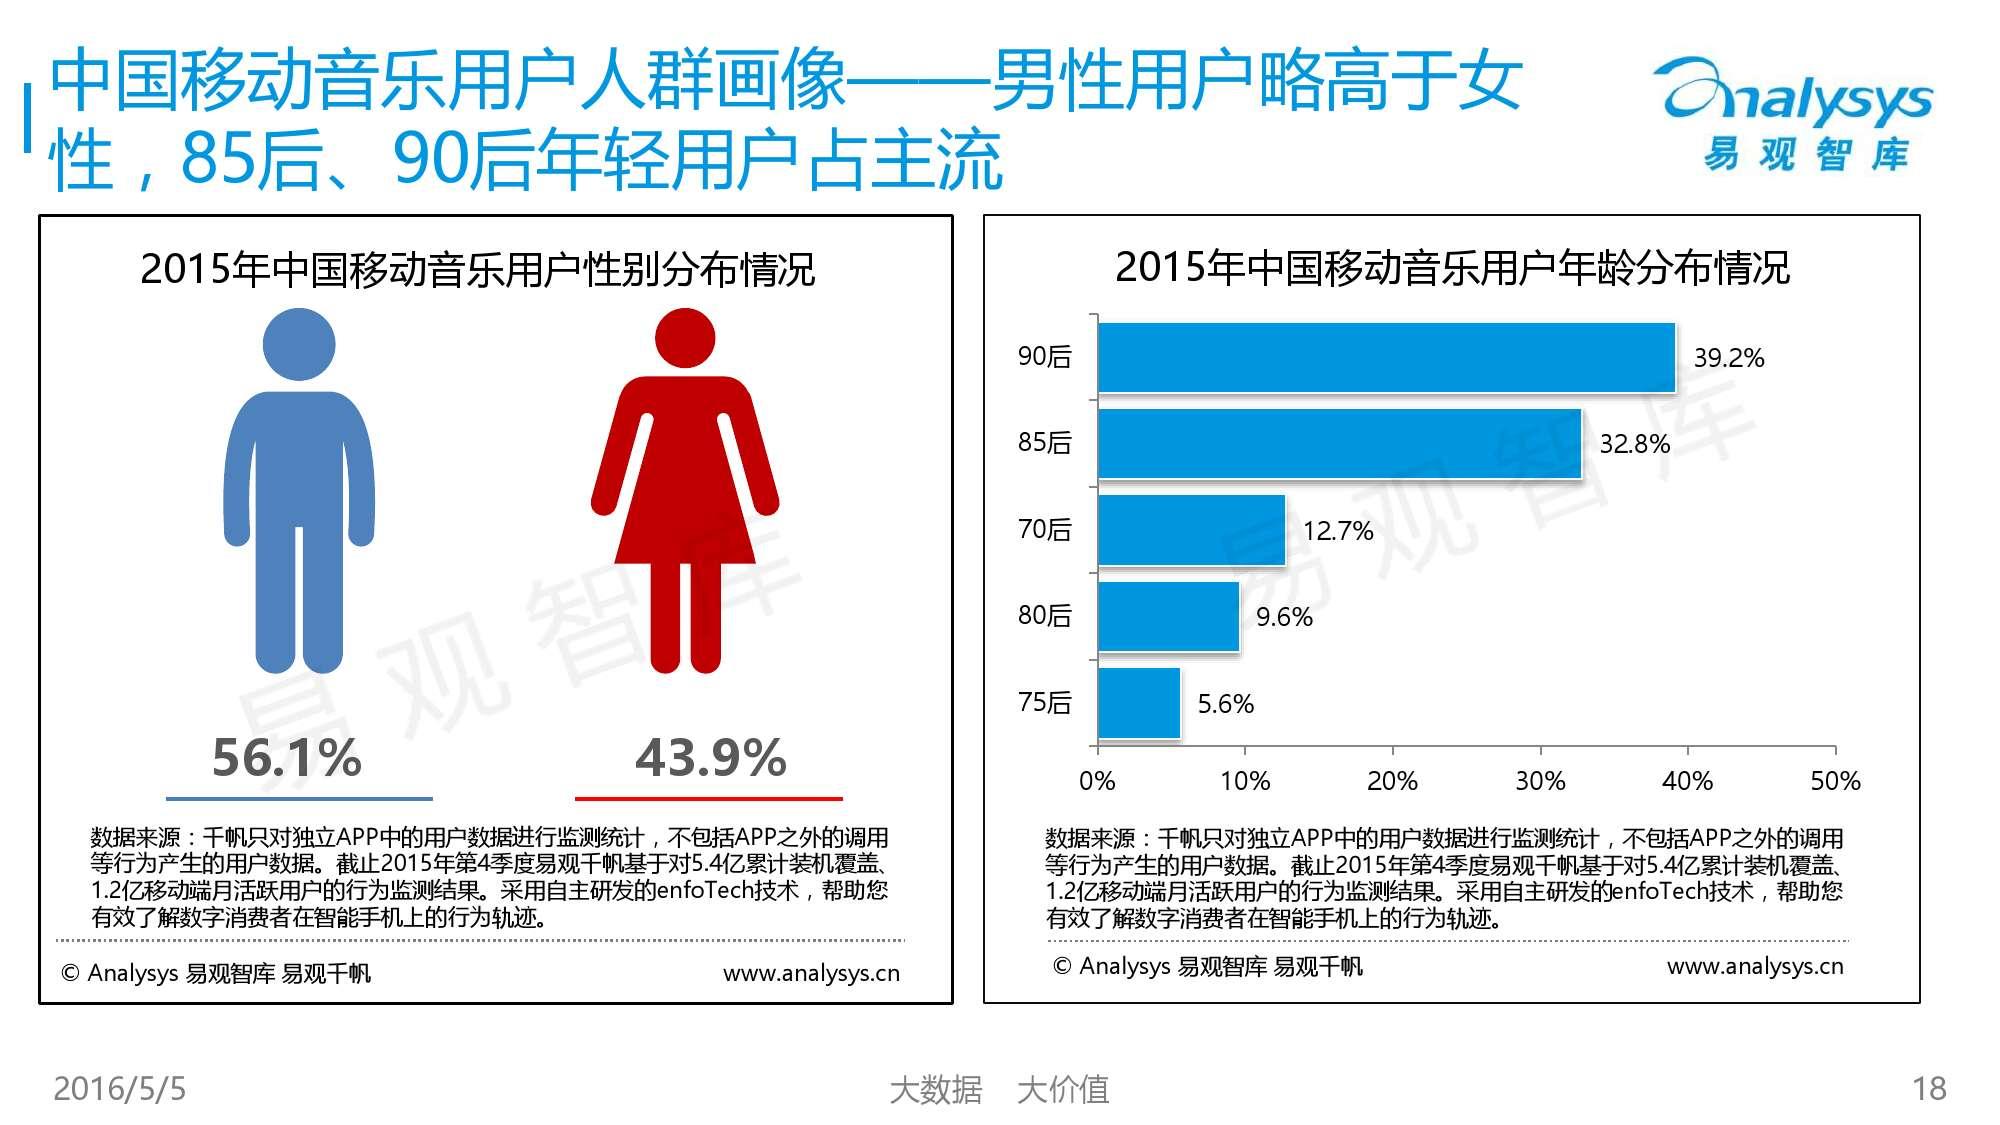 2016中国移动音乐市场年度综合报告_000018